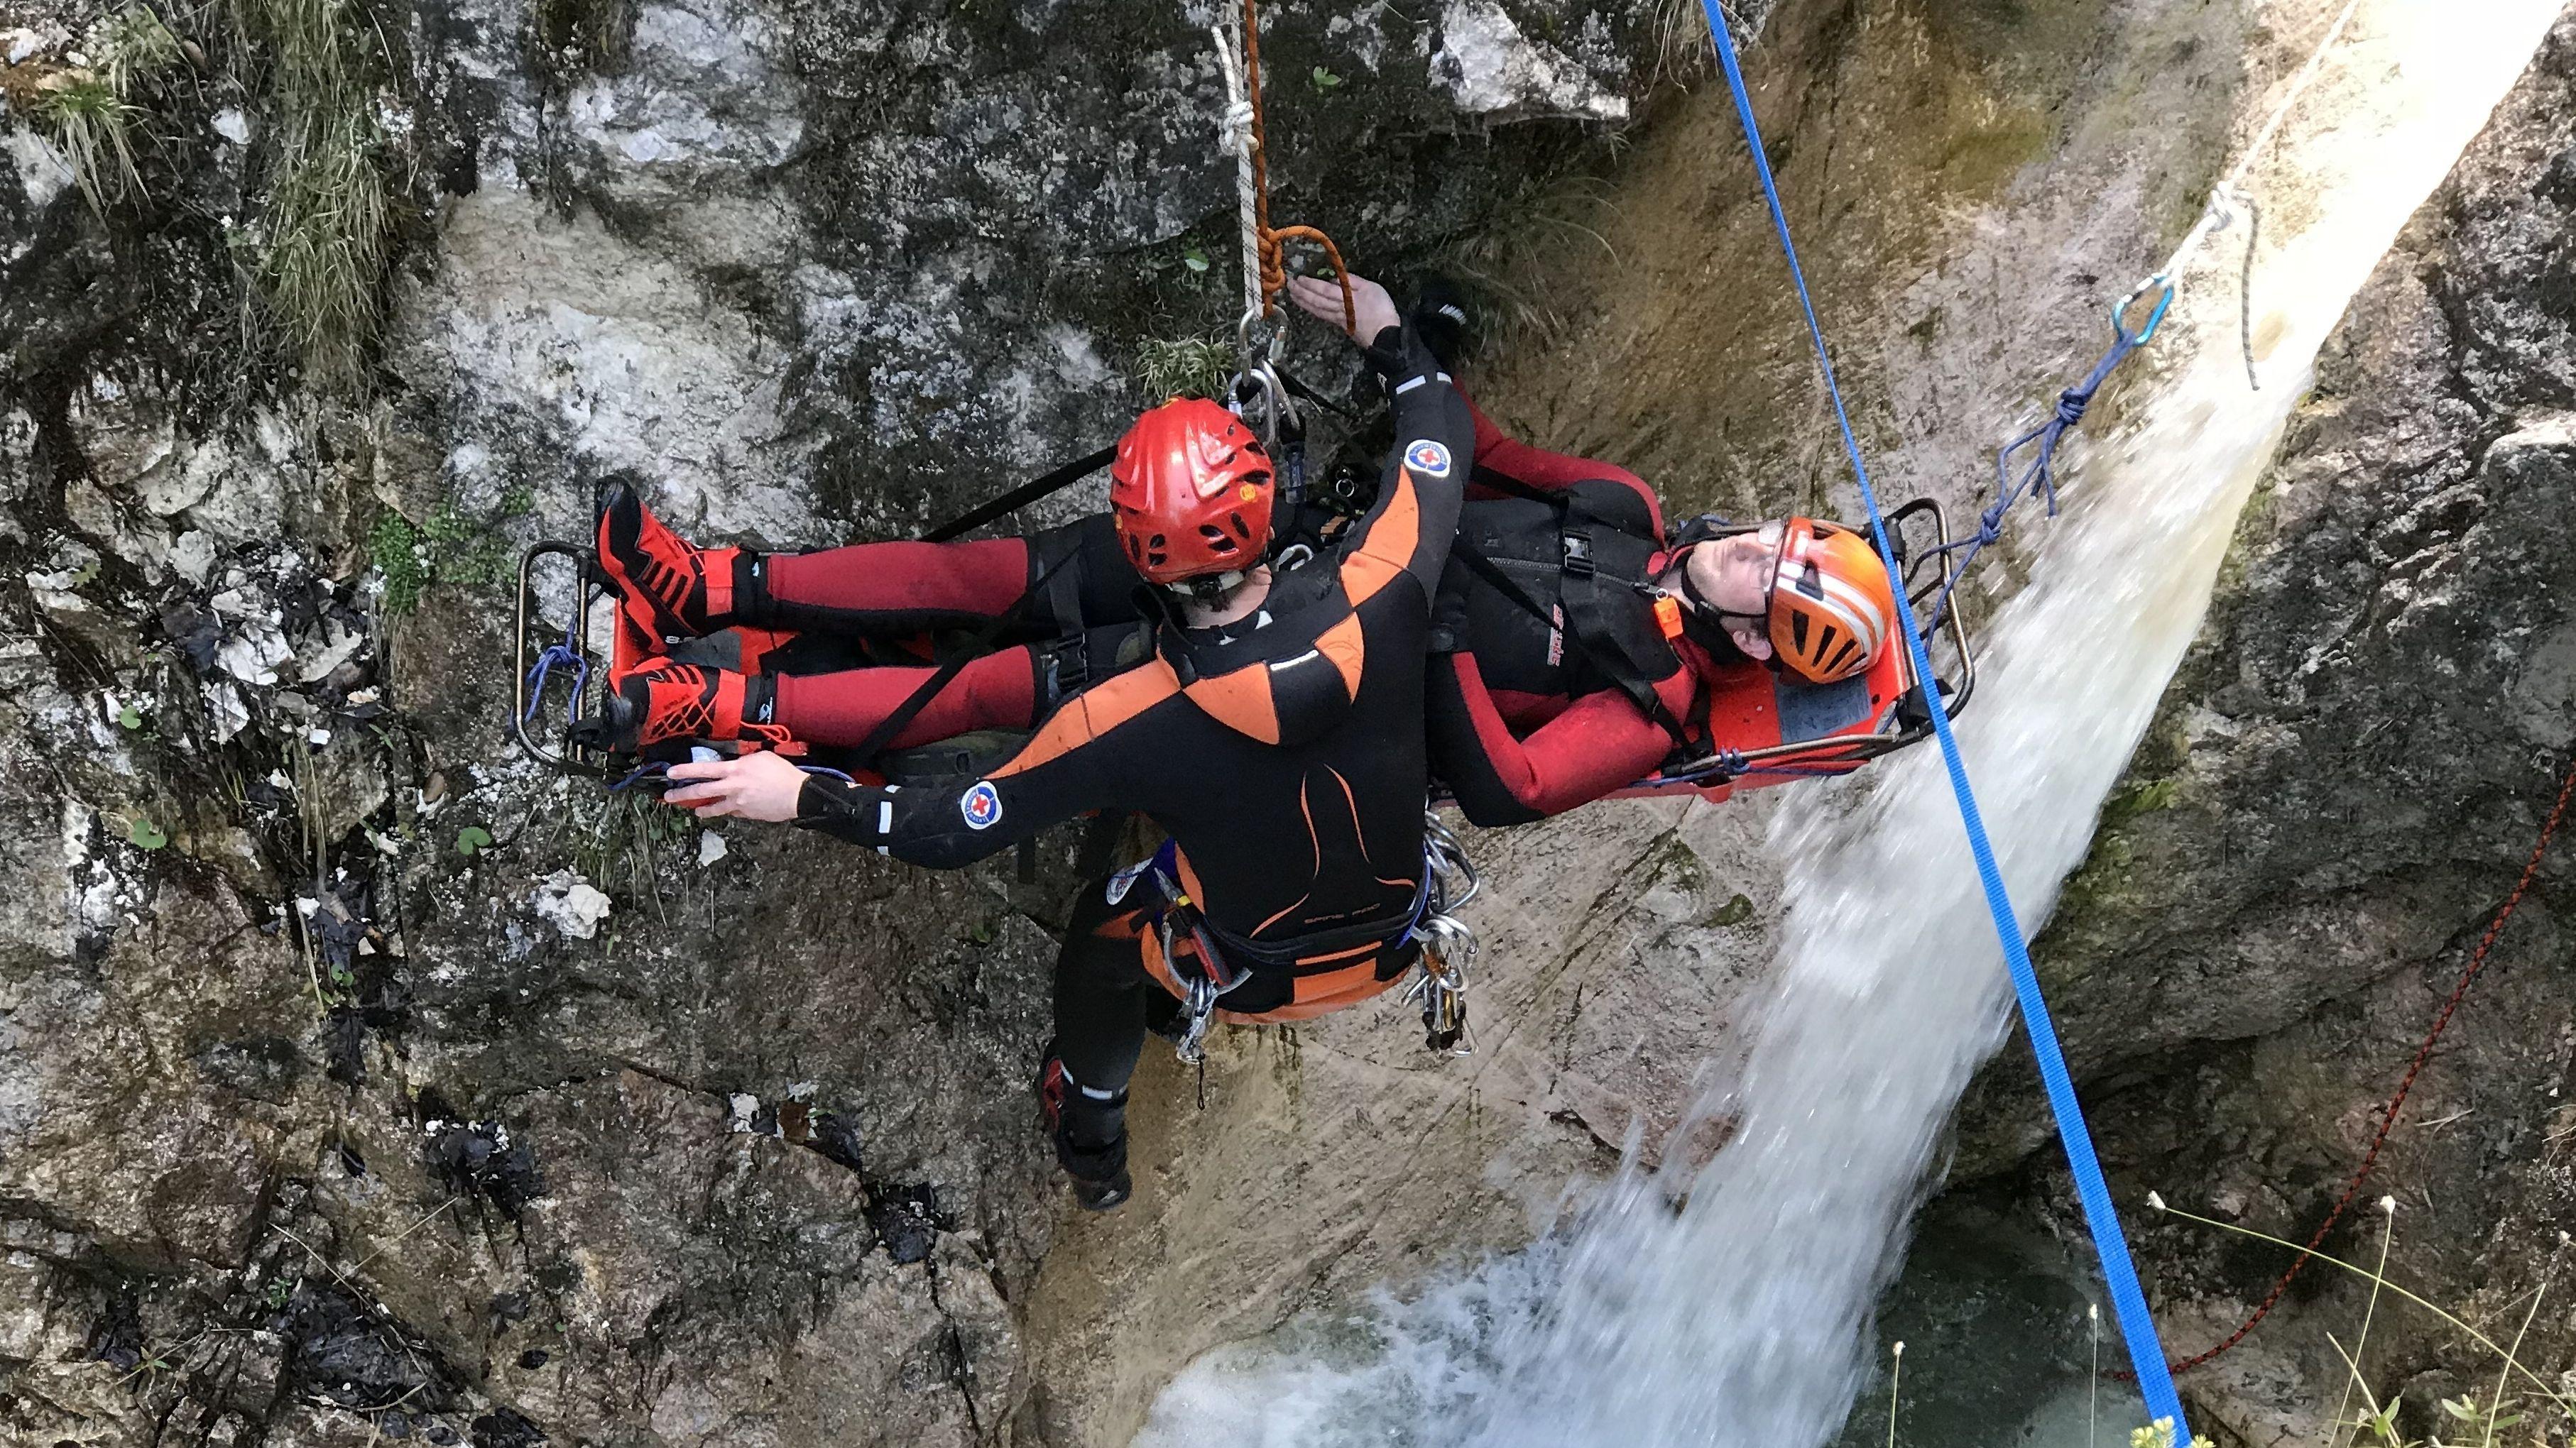 Übung der Canyoning-Gruppe Chiemgau in Bayerisch Gmain